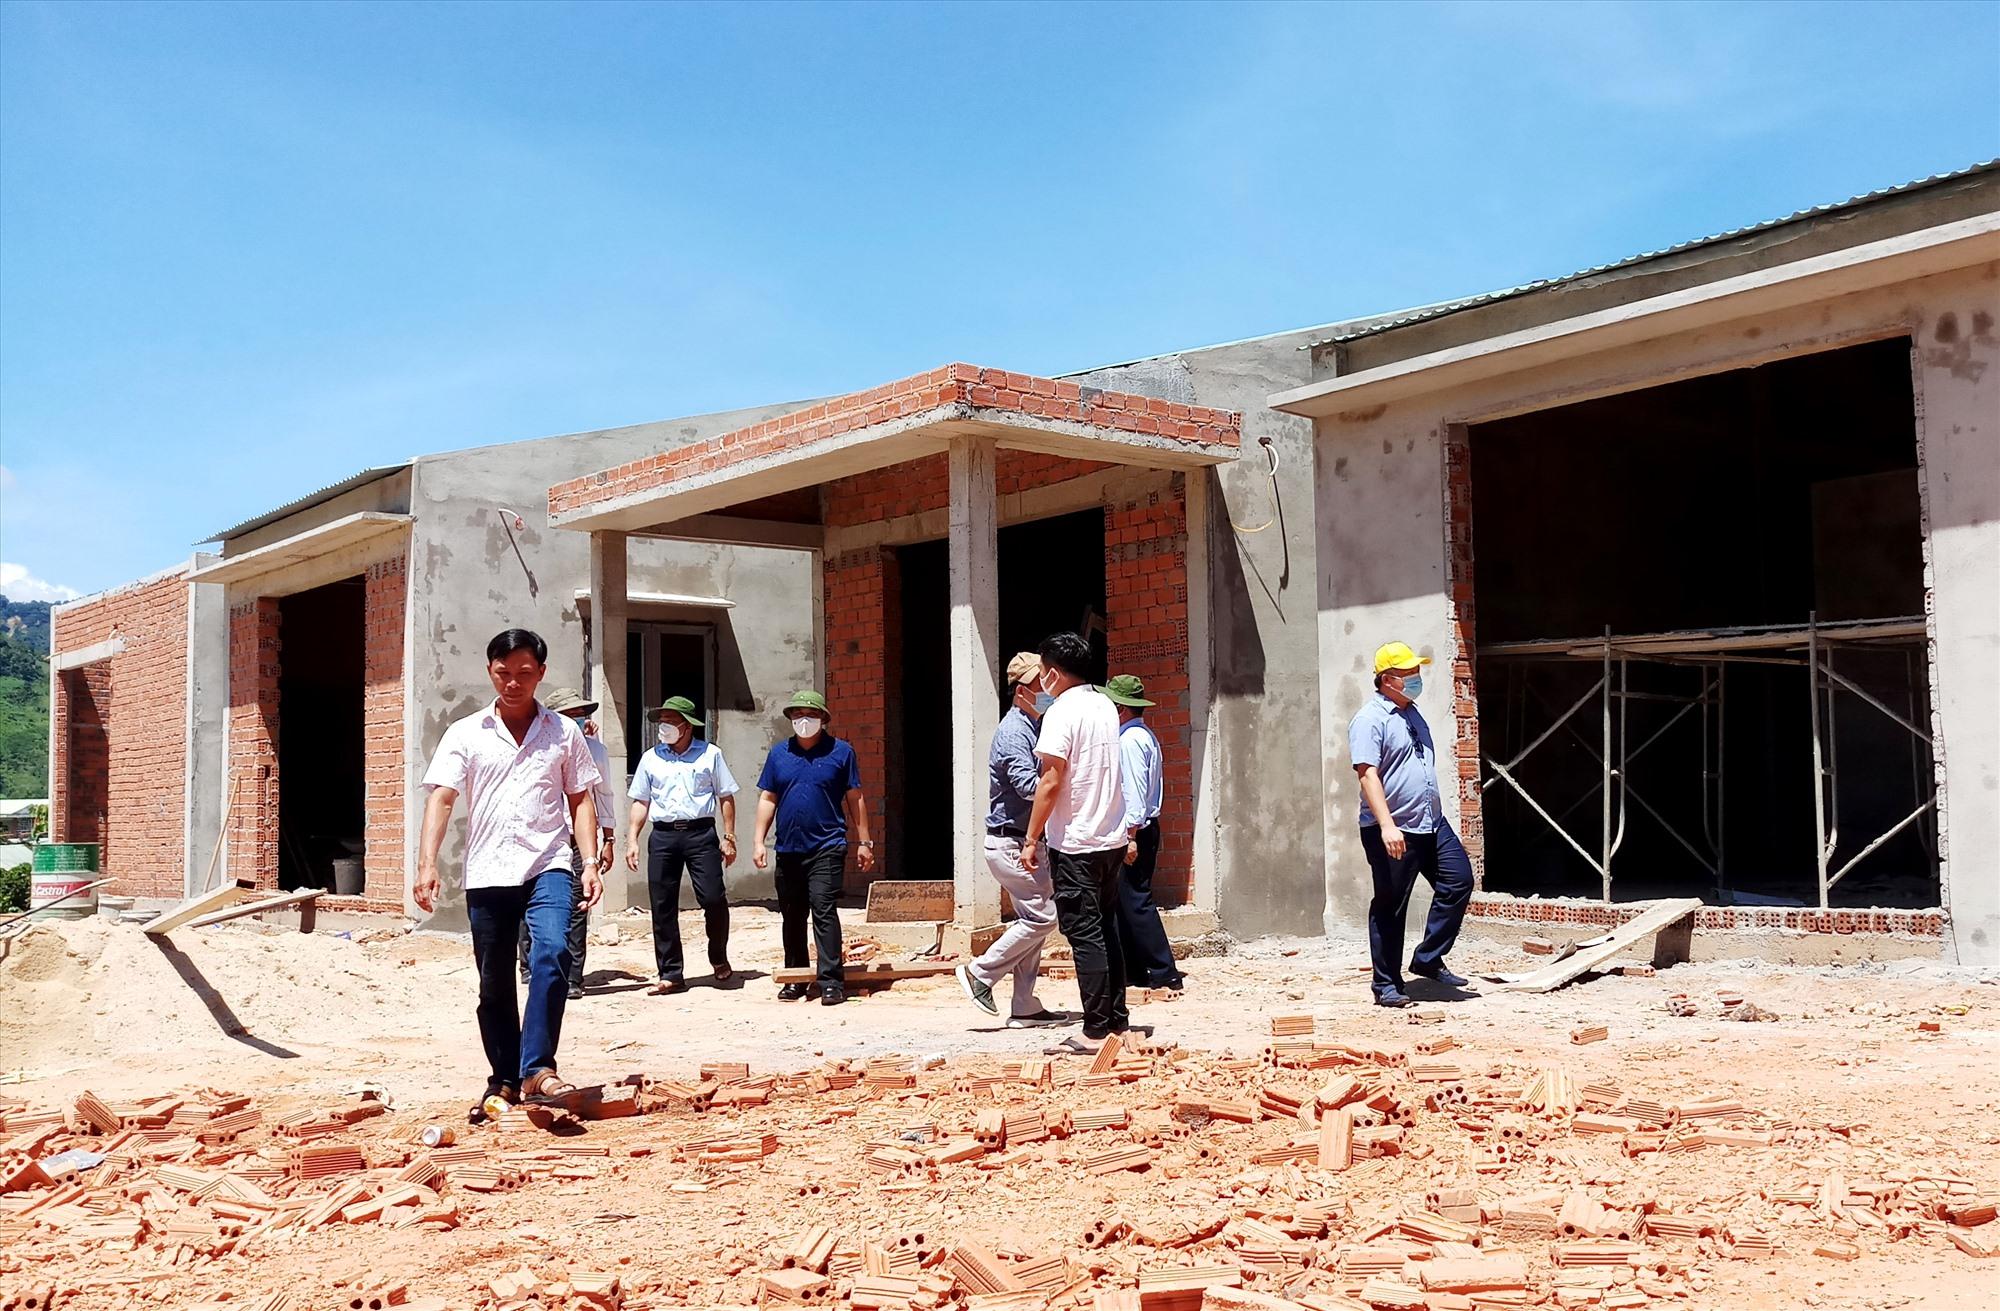 Từ nguồn hỗ trợ của nhà hảo tâm, những căn nhà xây kiên cố đang dần hoàn thành trên mặt bằng mới thôn 2 (xã Phước Thành). Ảnh: ĐĂNG NGUYÊN